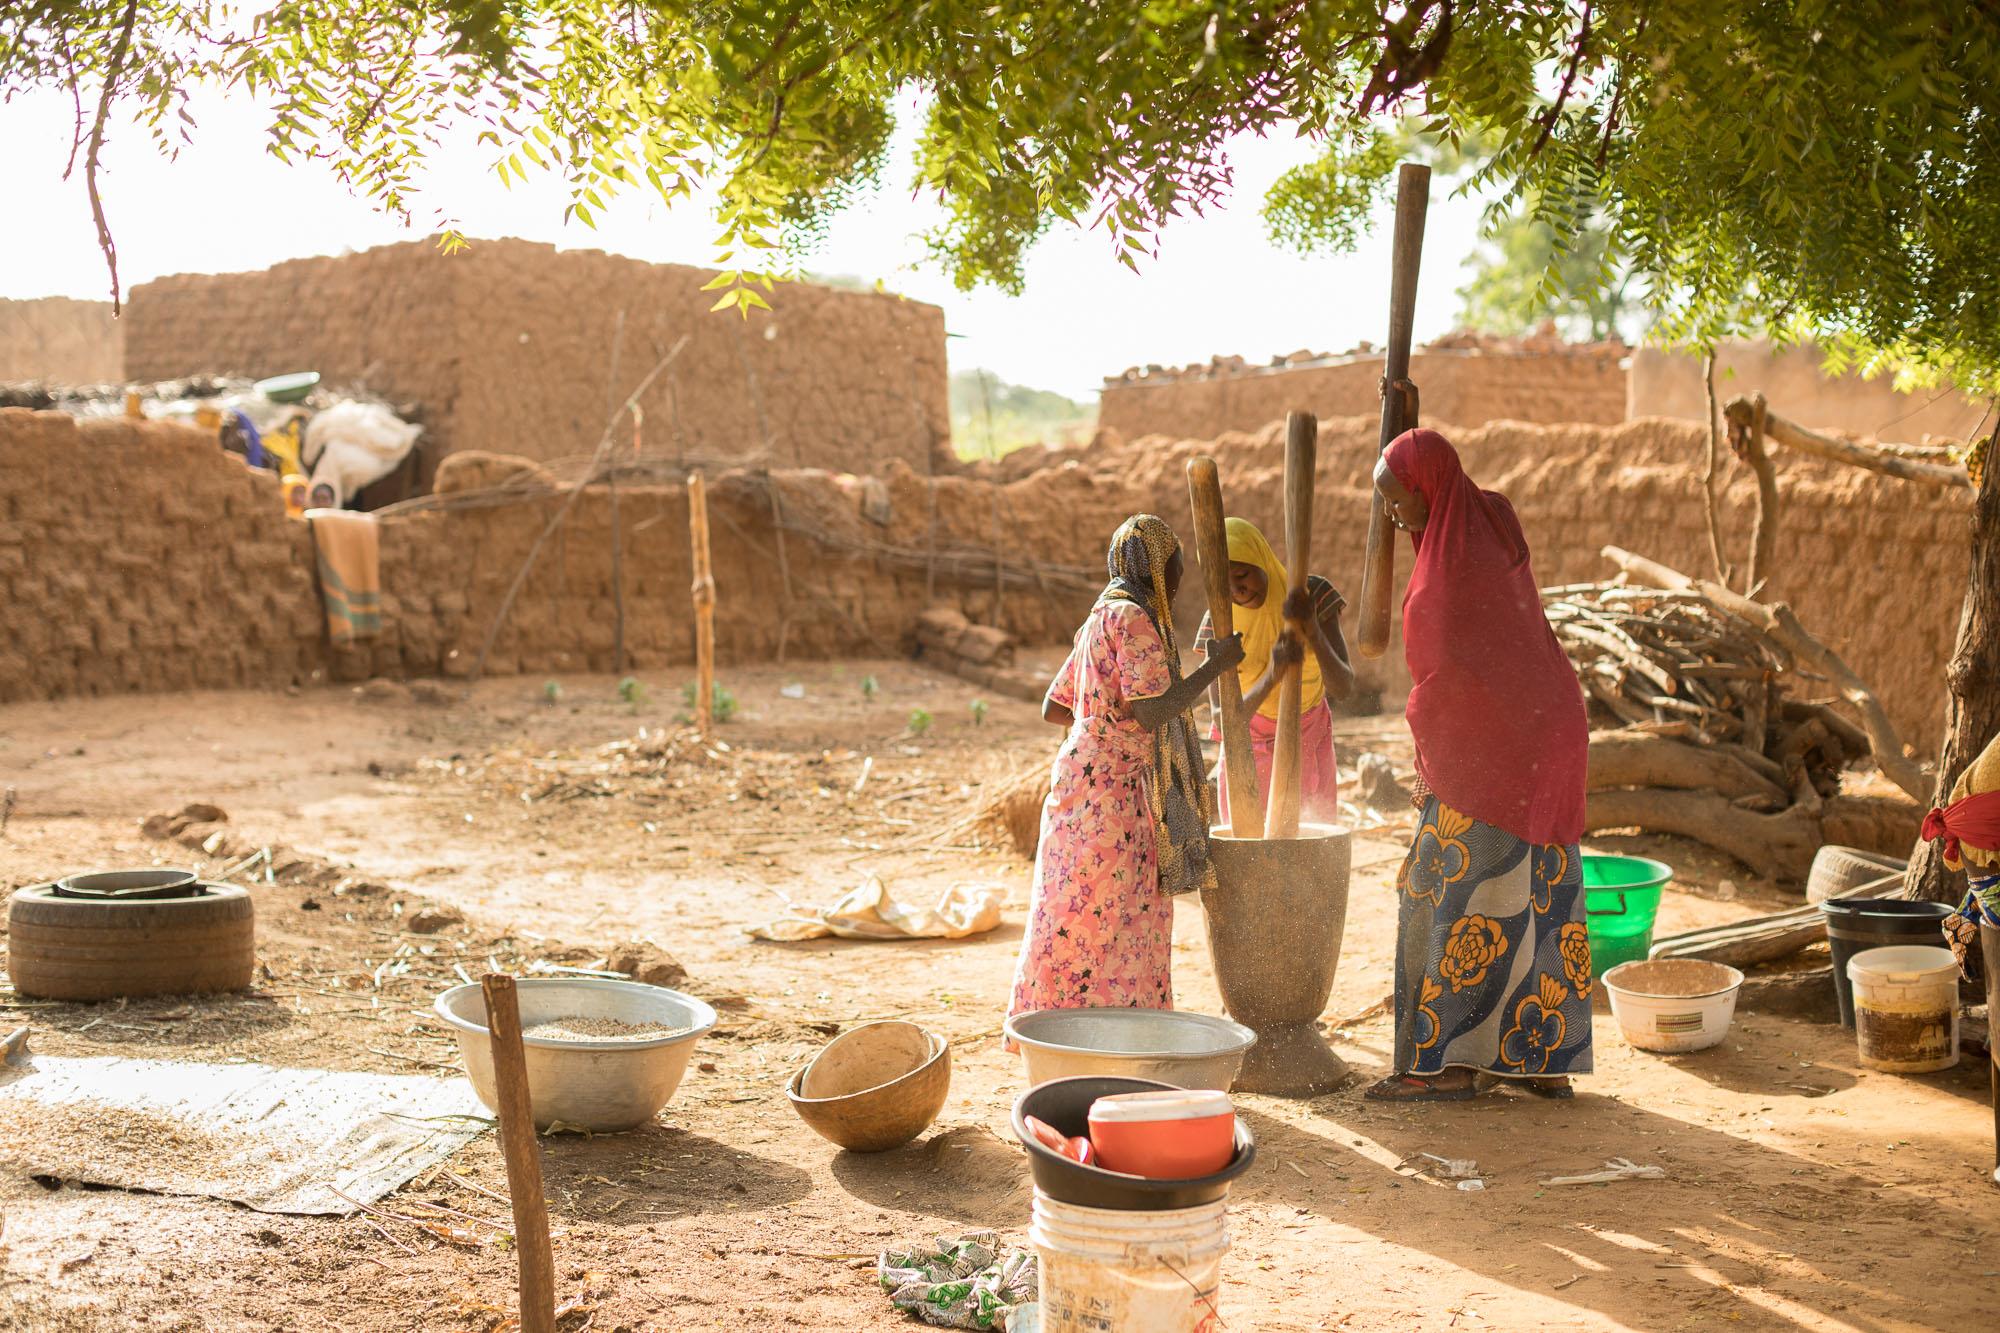 Women and girls pound cowpeas in a village in Tahoua Region, Niger.